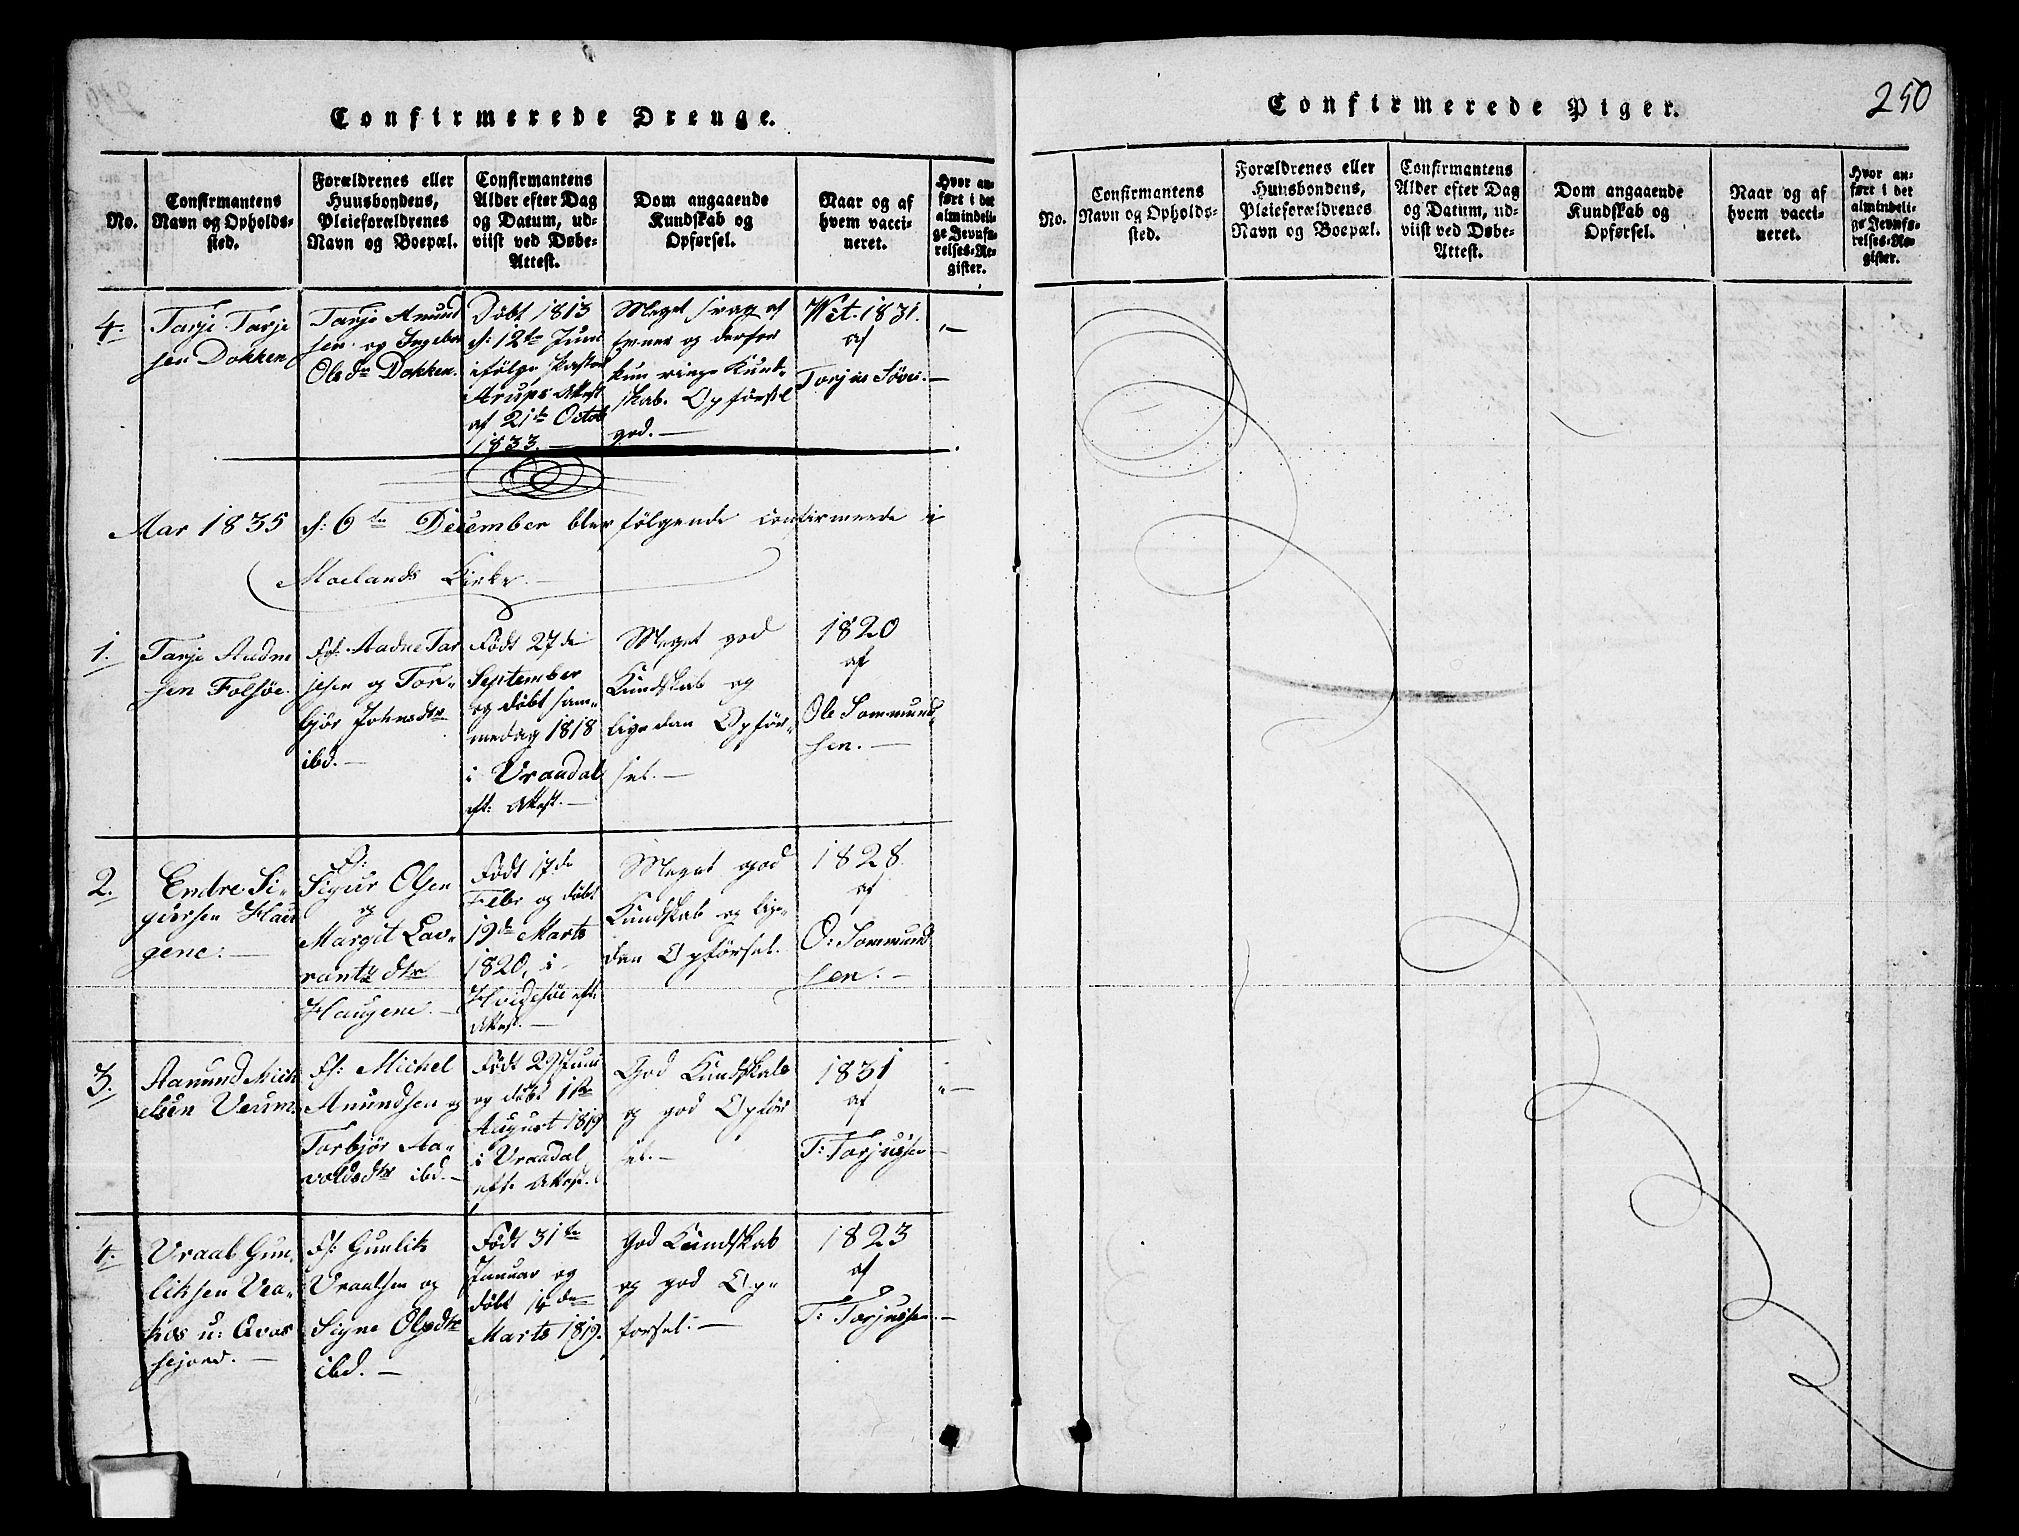 SAKO, Fyresdal kirkebøker, G/Ga/L0003: Klokkerbok nr. I 3, 1815-1863, s. 250